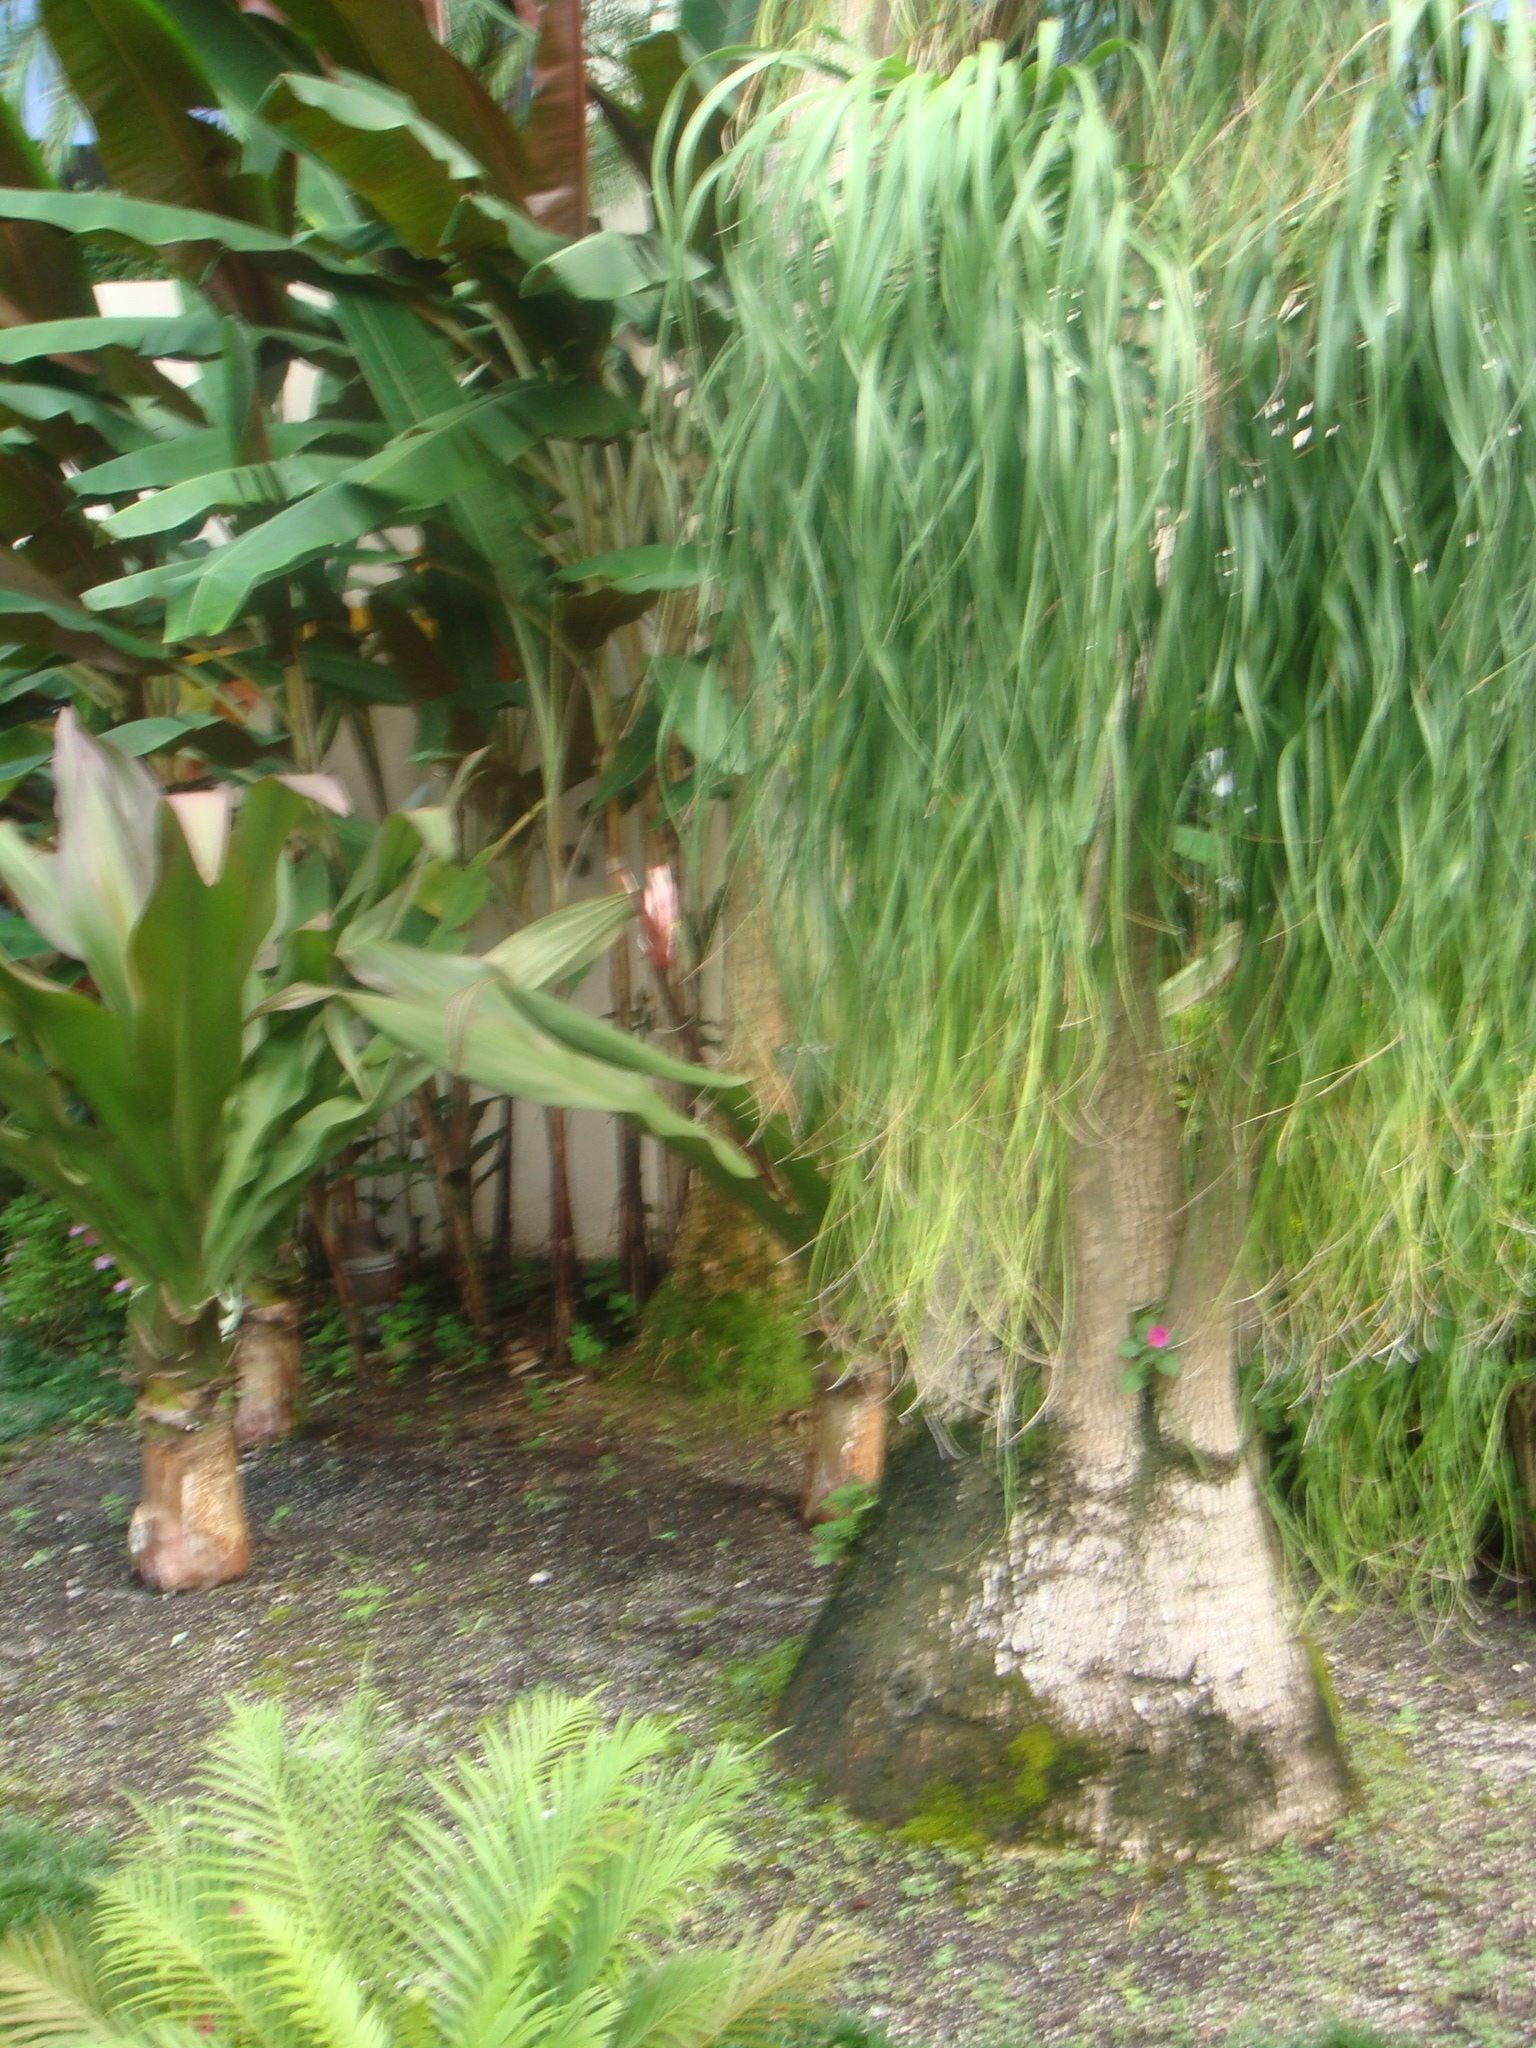 Garden Design Garden Design with Rubber plant care outdoor